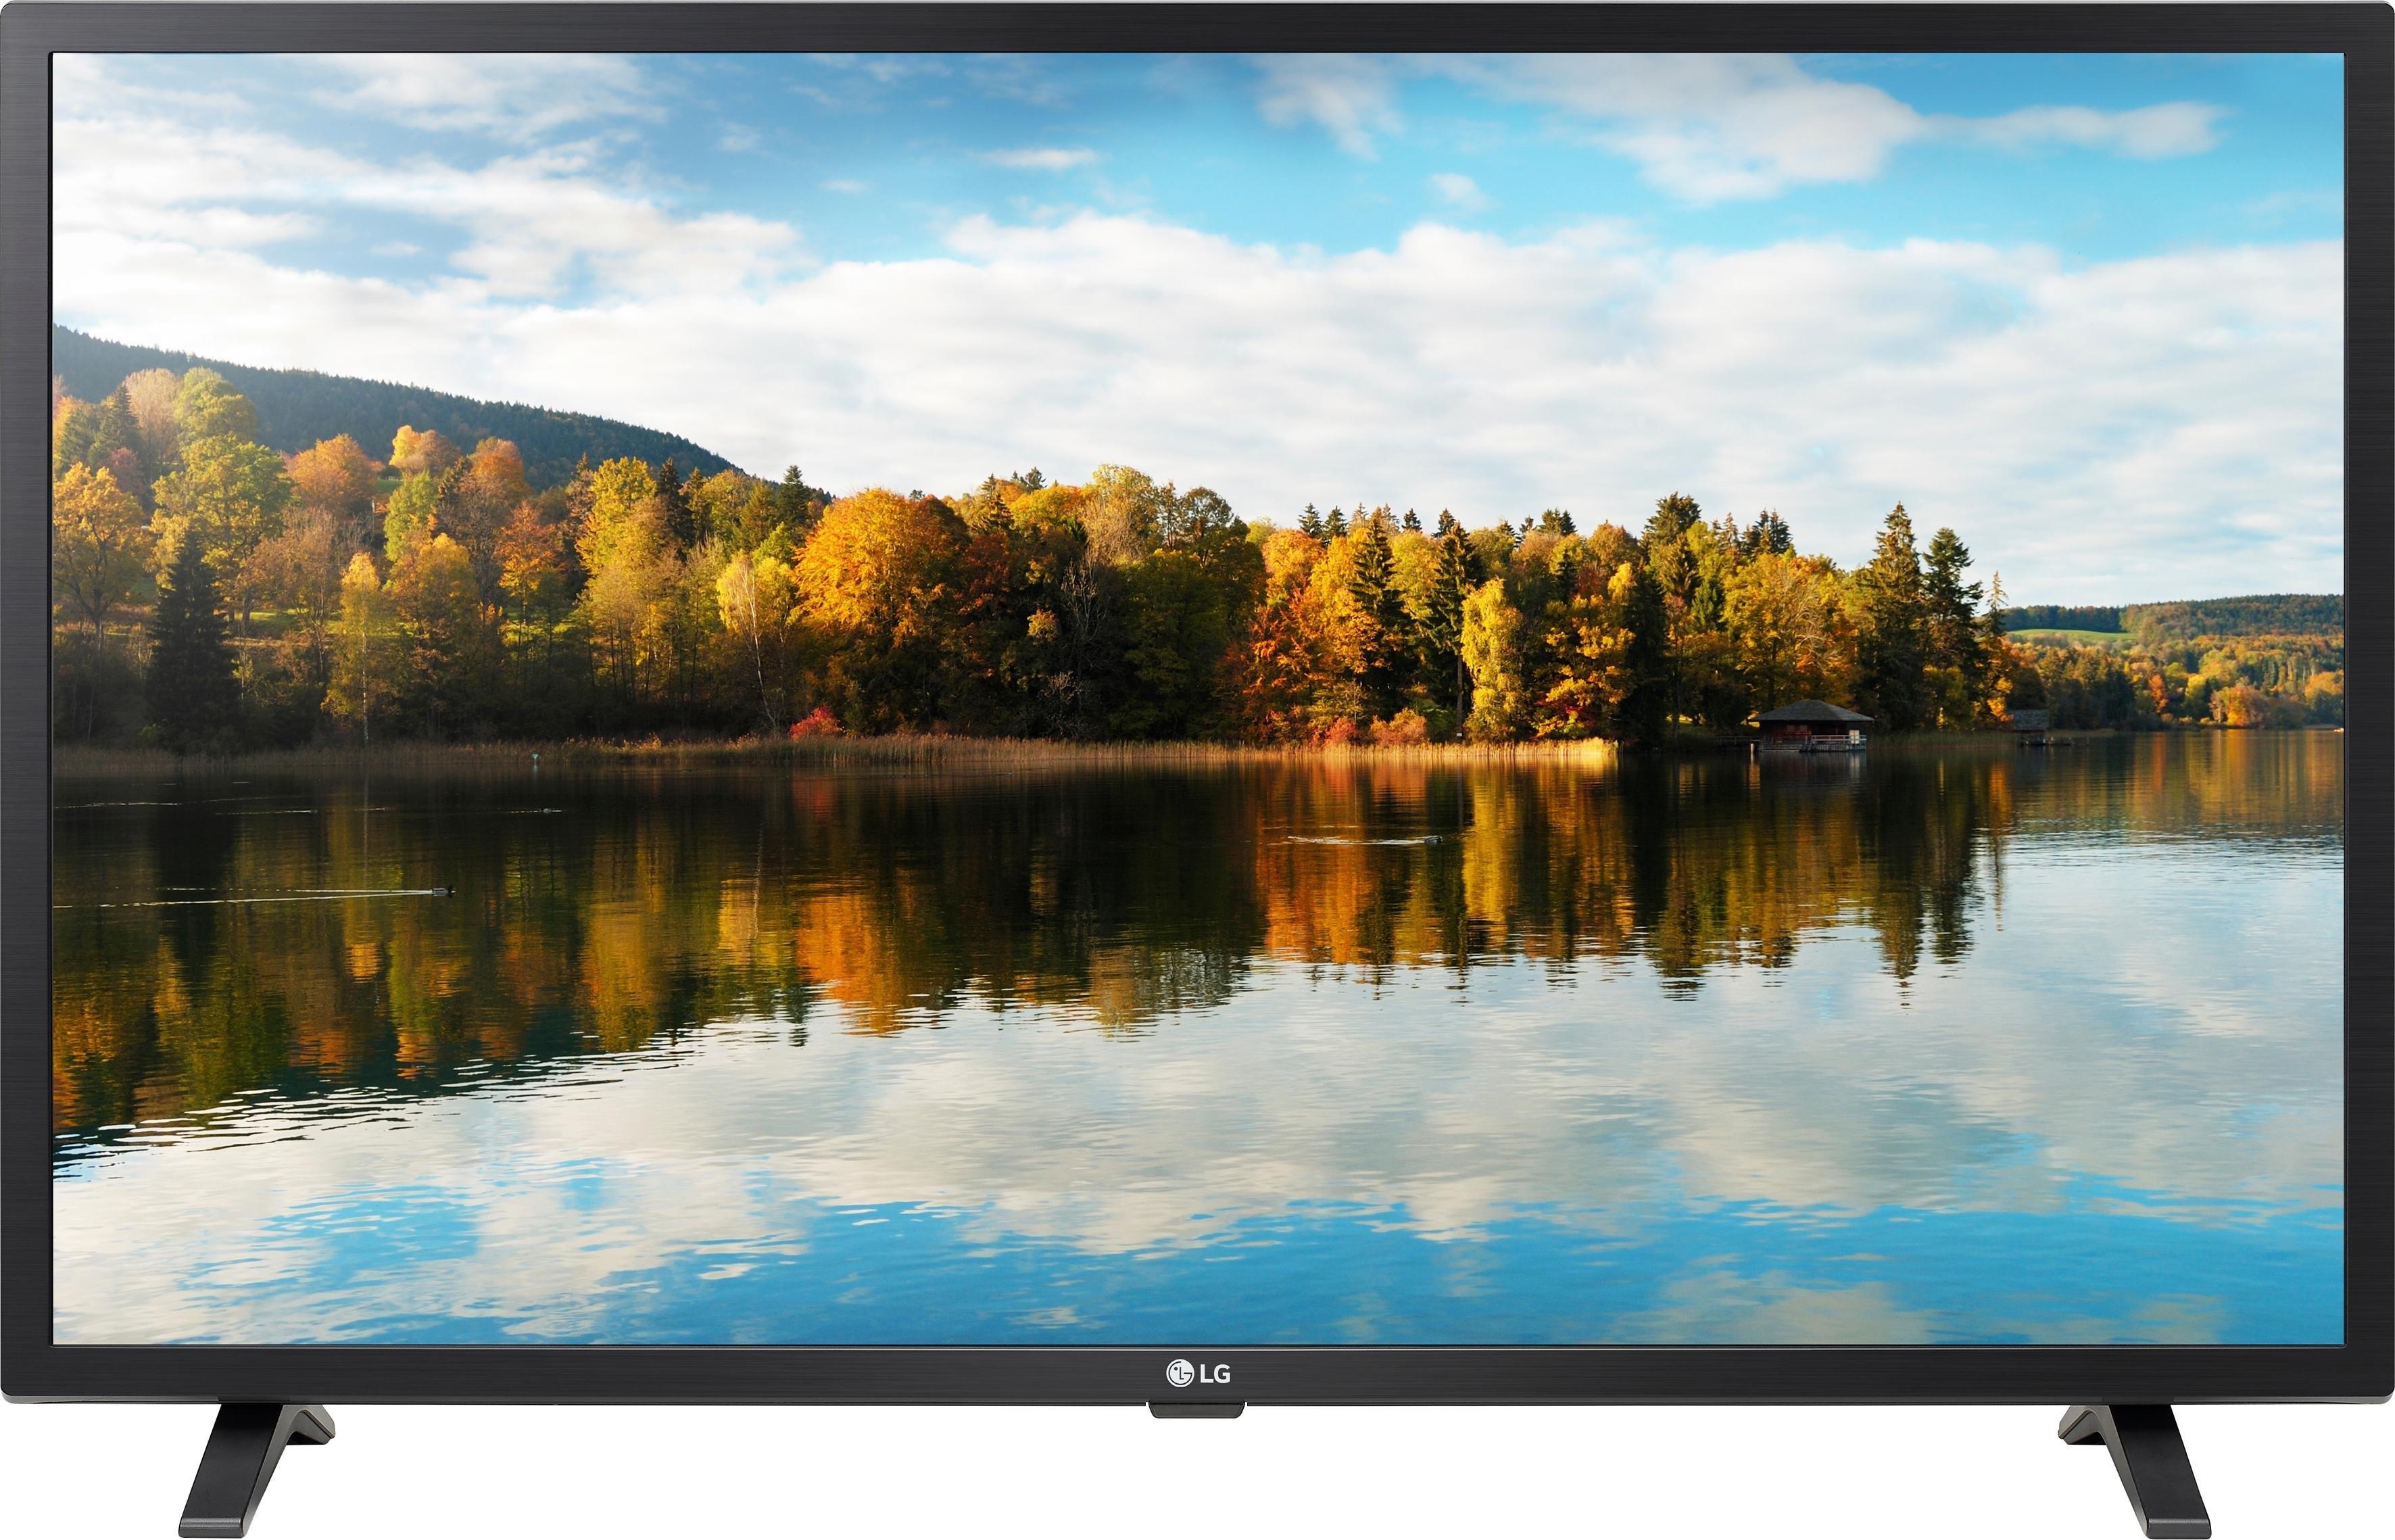 LG 32LM6300PLA led-tv (80 cm / 32 inch), Full HD, Smart-TV veilig op otto.nl kopen